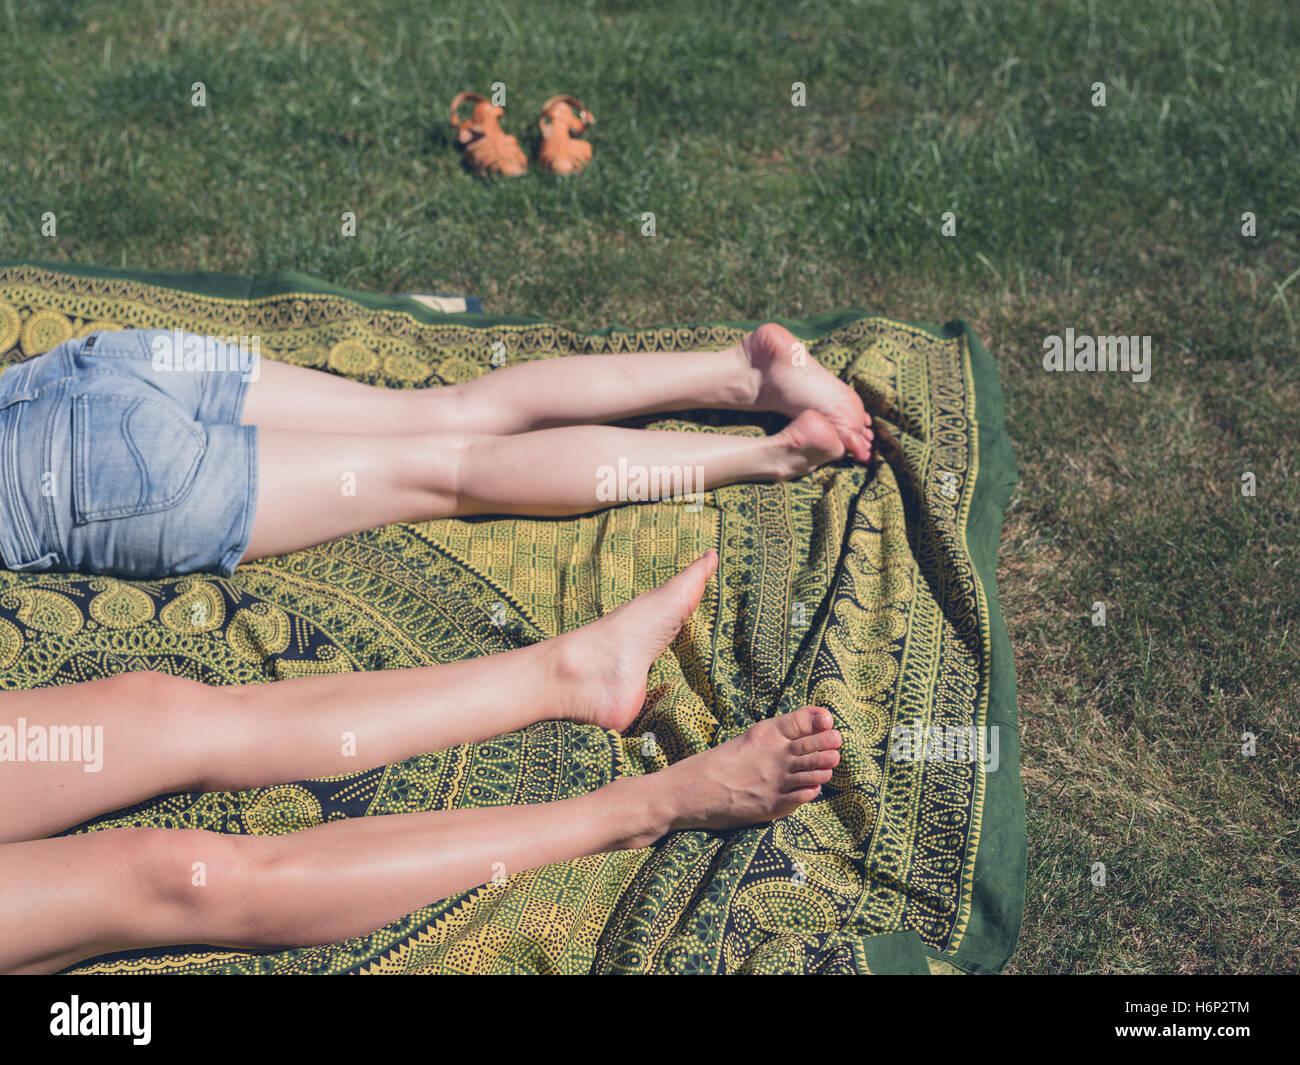 Le gambe di due giovani donne in quanto essi sono rilassanti sull'erba al di fuori in una giornata di sole Immagini Stock